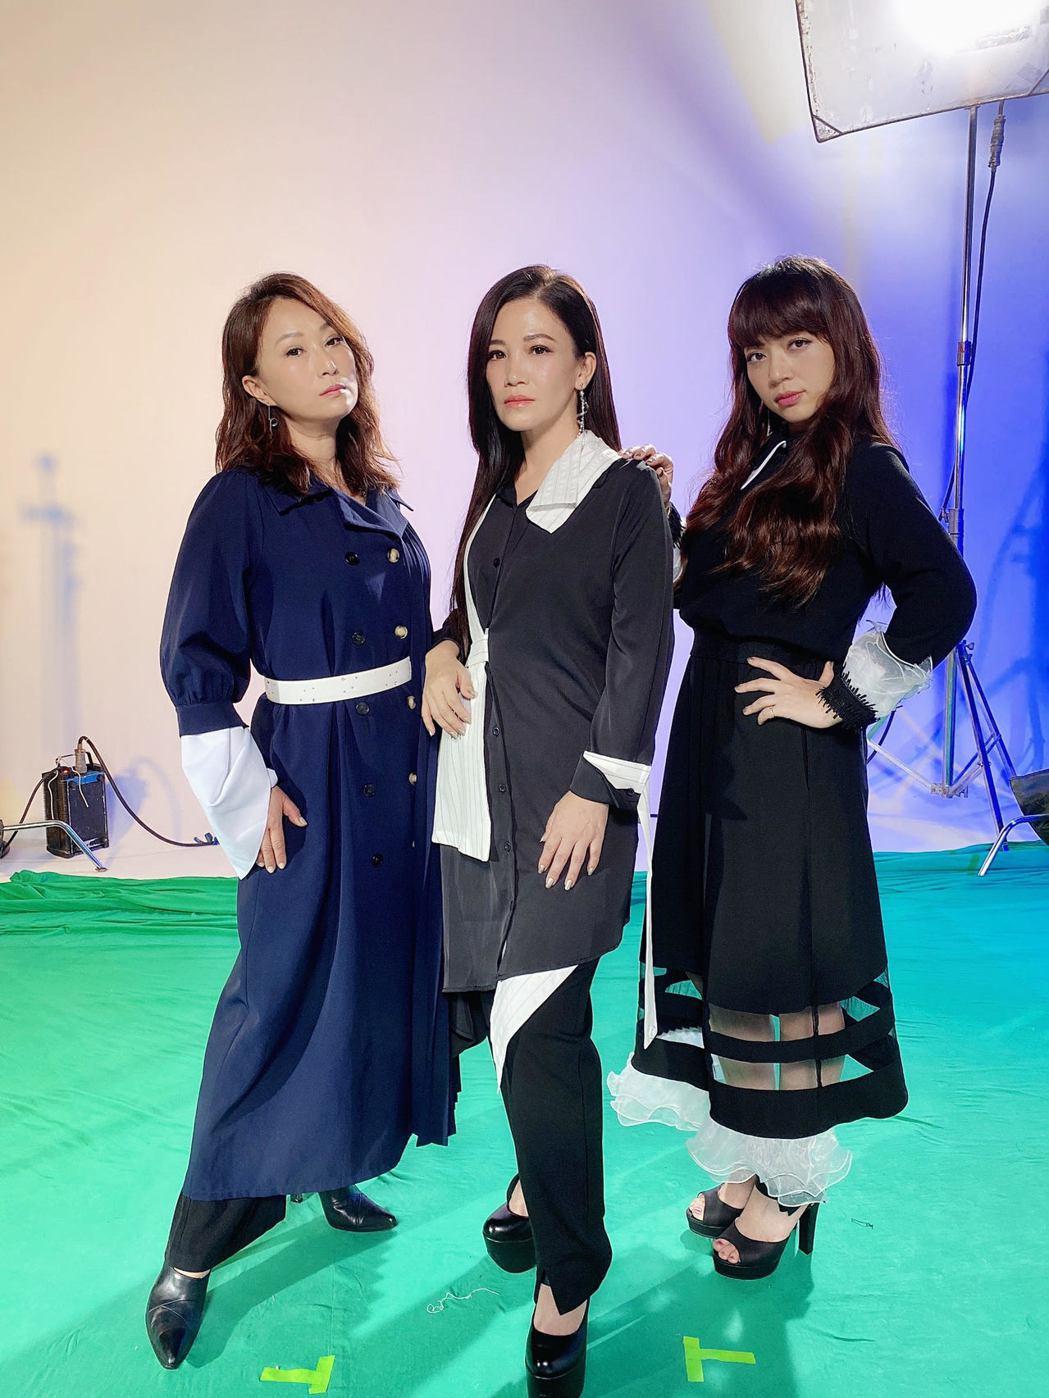 王瑞霞(左起)、黃妃和秀蘭瑪雅為手遊代言合唱主題曲「上水的輪迴」。圖/米樂士娛樂